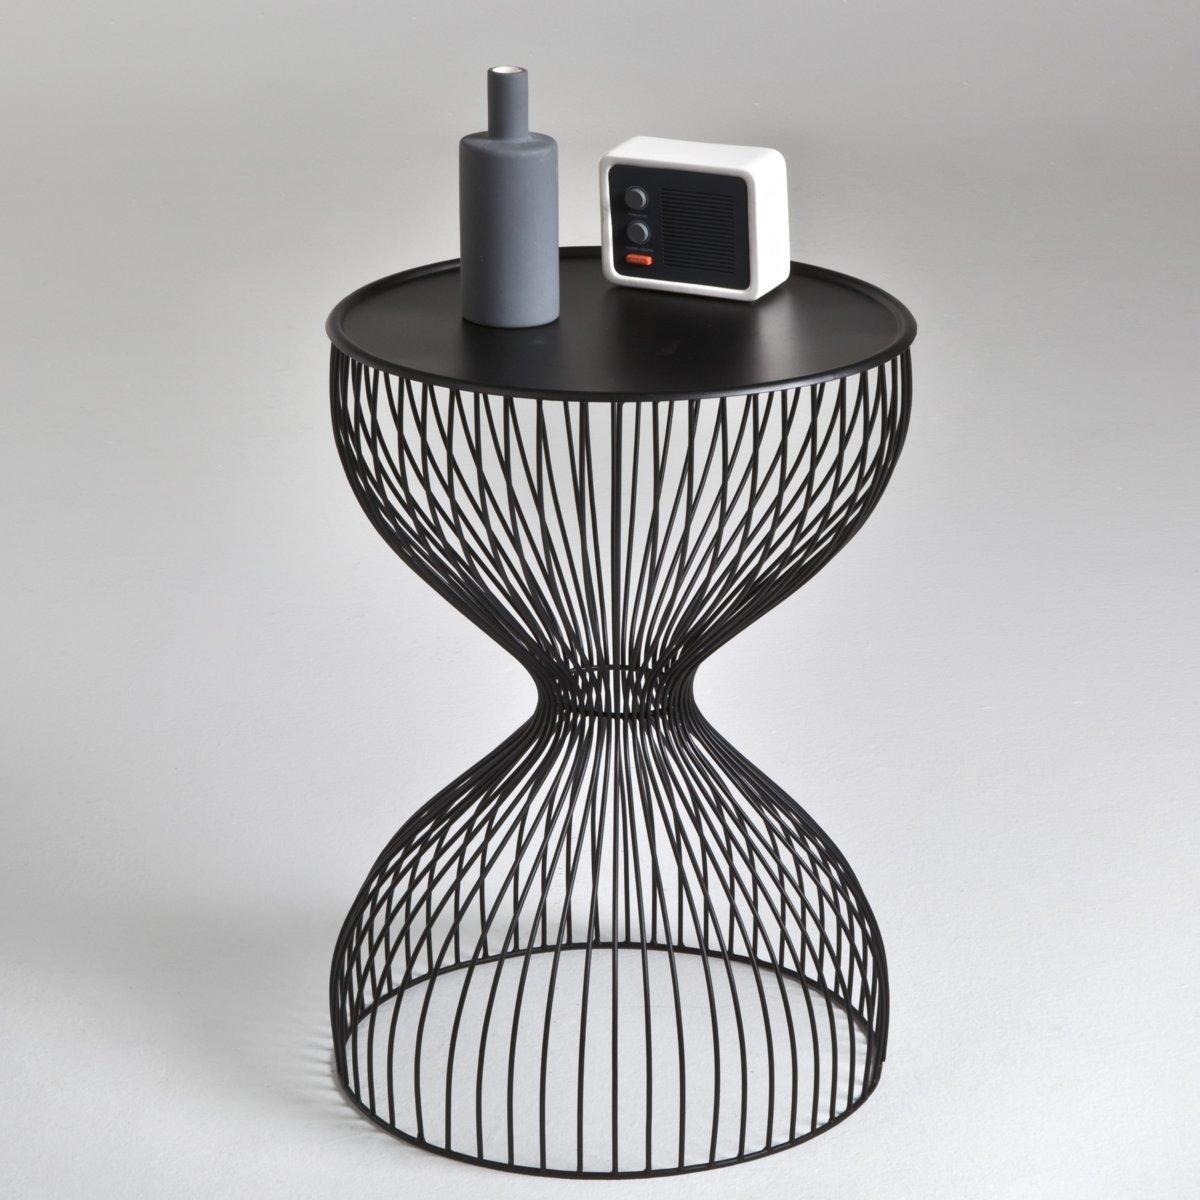 Прикроватный столик из проволоки, JanikХарактеристики прикроватного столика из проволоки Janik :Металлическая проволока, покрытая лаком.Прикроватный столик Janik доставляется в собранном виде.Всю коллекцию Janik Вы найдете на сайте laredoute.ruРазмеры прикроватного столика из проволоки Janik :Диаметр : 35 см.Высота : 50 см..<br><br>Цвет: белый,золотистый,черный